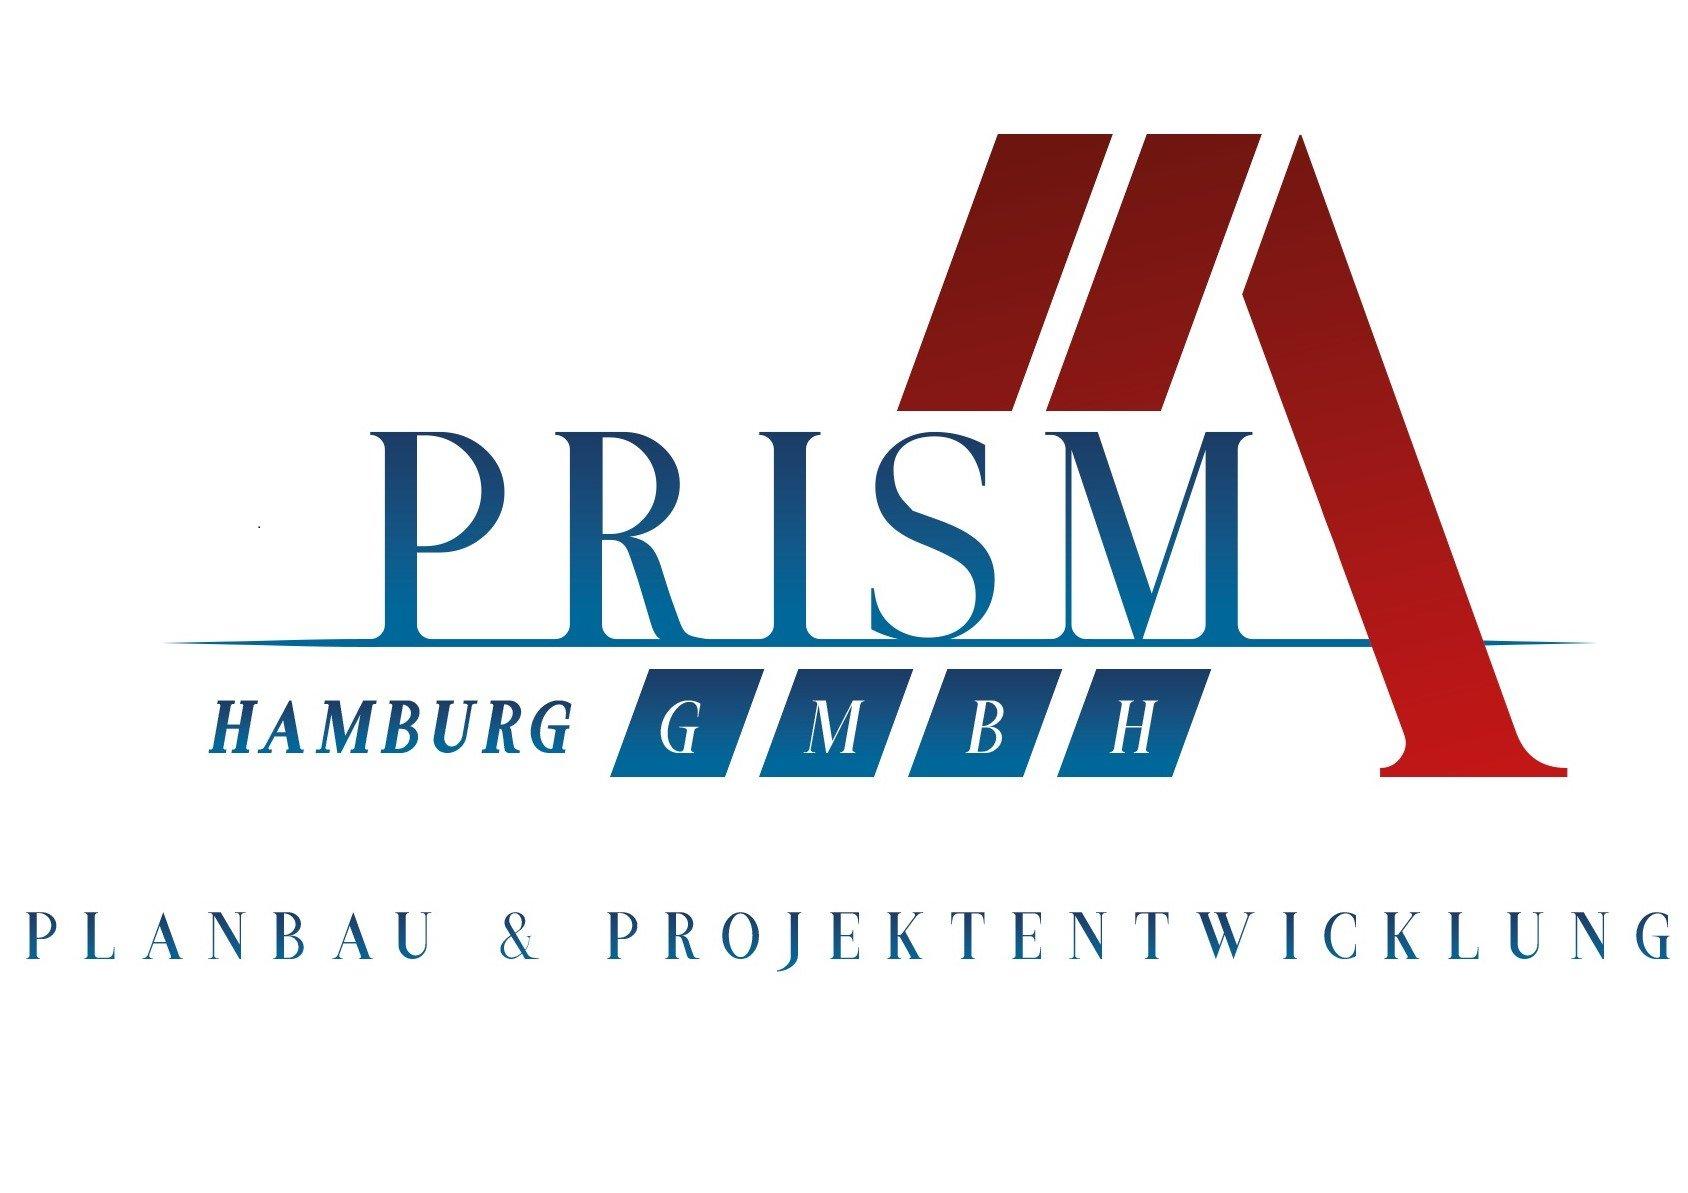 Hamburg Bauunternehmen prisma hamburg gmbh ihr bauunternehmen in hamburg